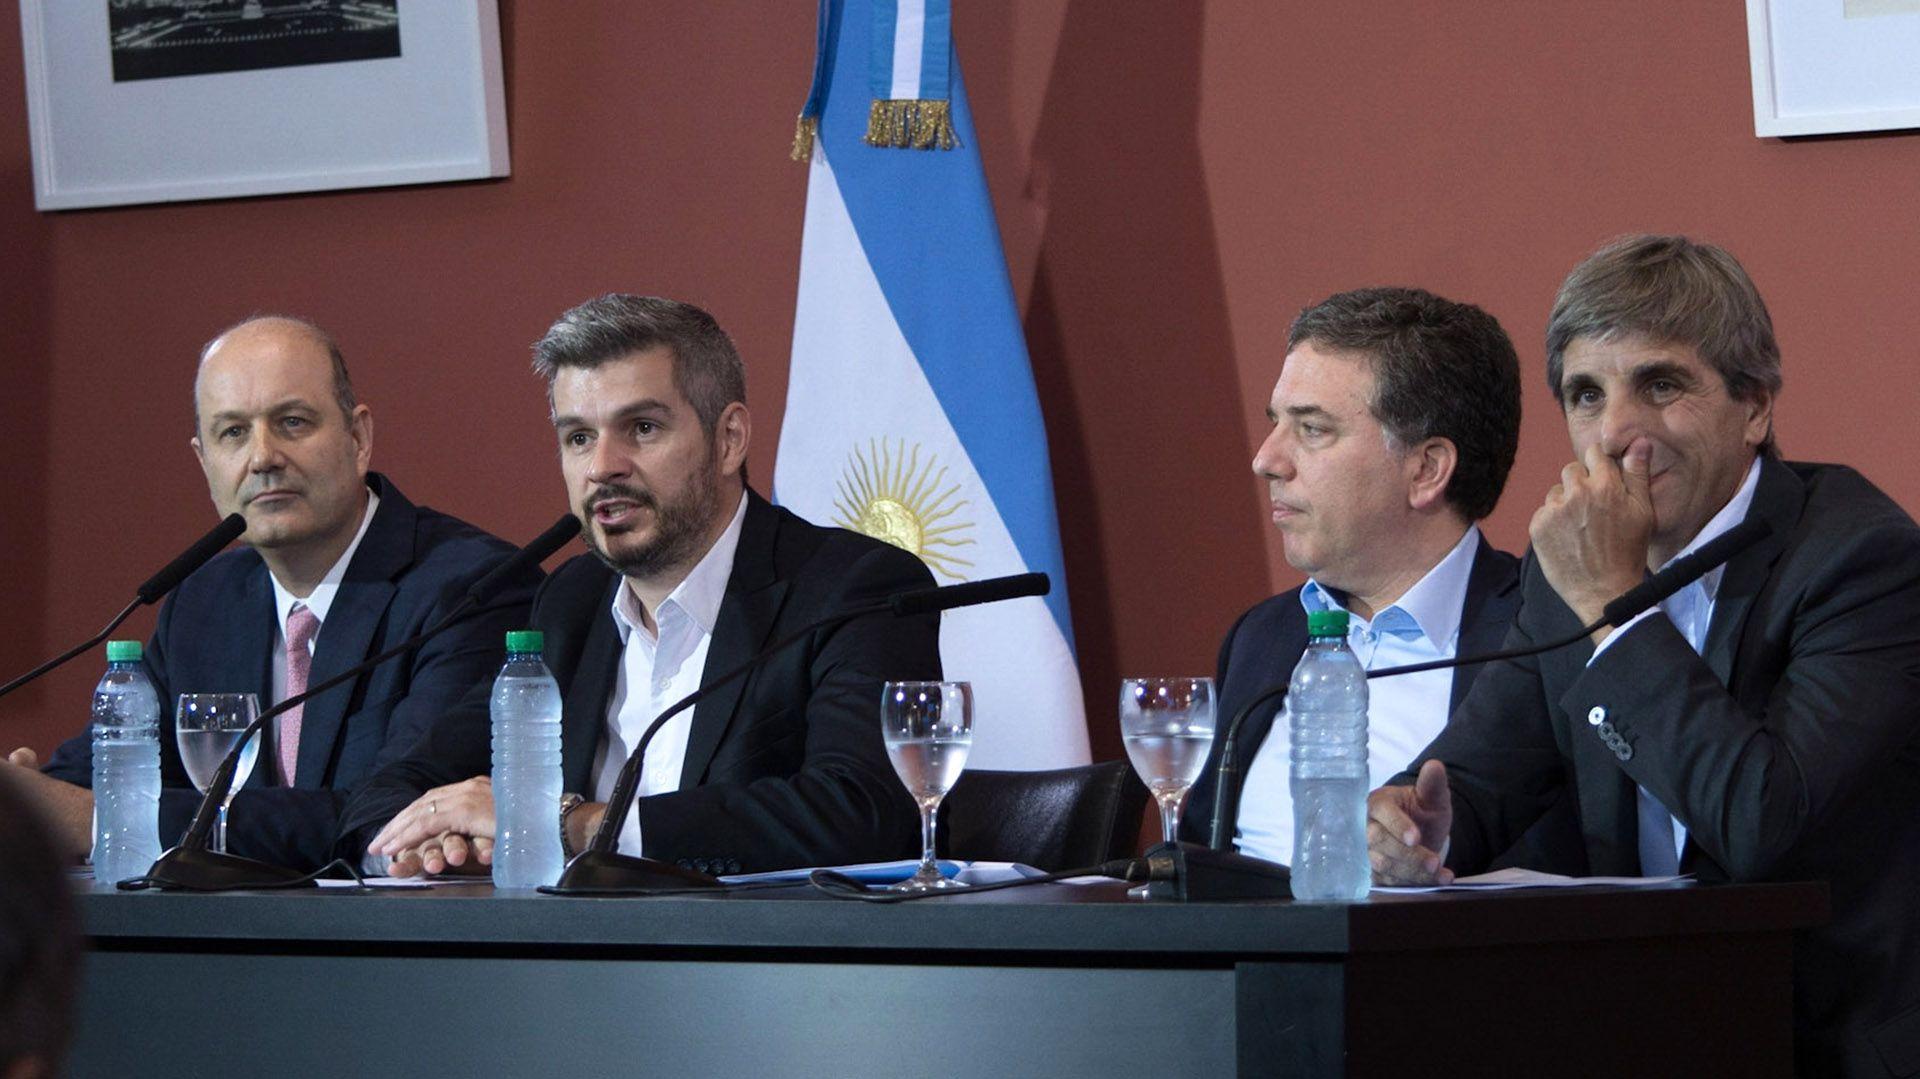 Federico Sturzenegger, Marcos Peña, Nicolás Dujovne y Luis Caputo, en ocasión de un anuncio que muchos interpretaron como un hito del fracaso de la política económica macrista